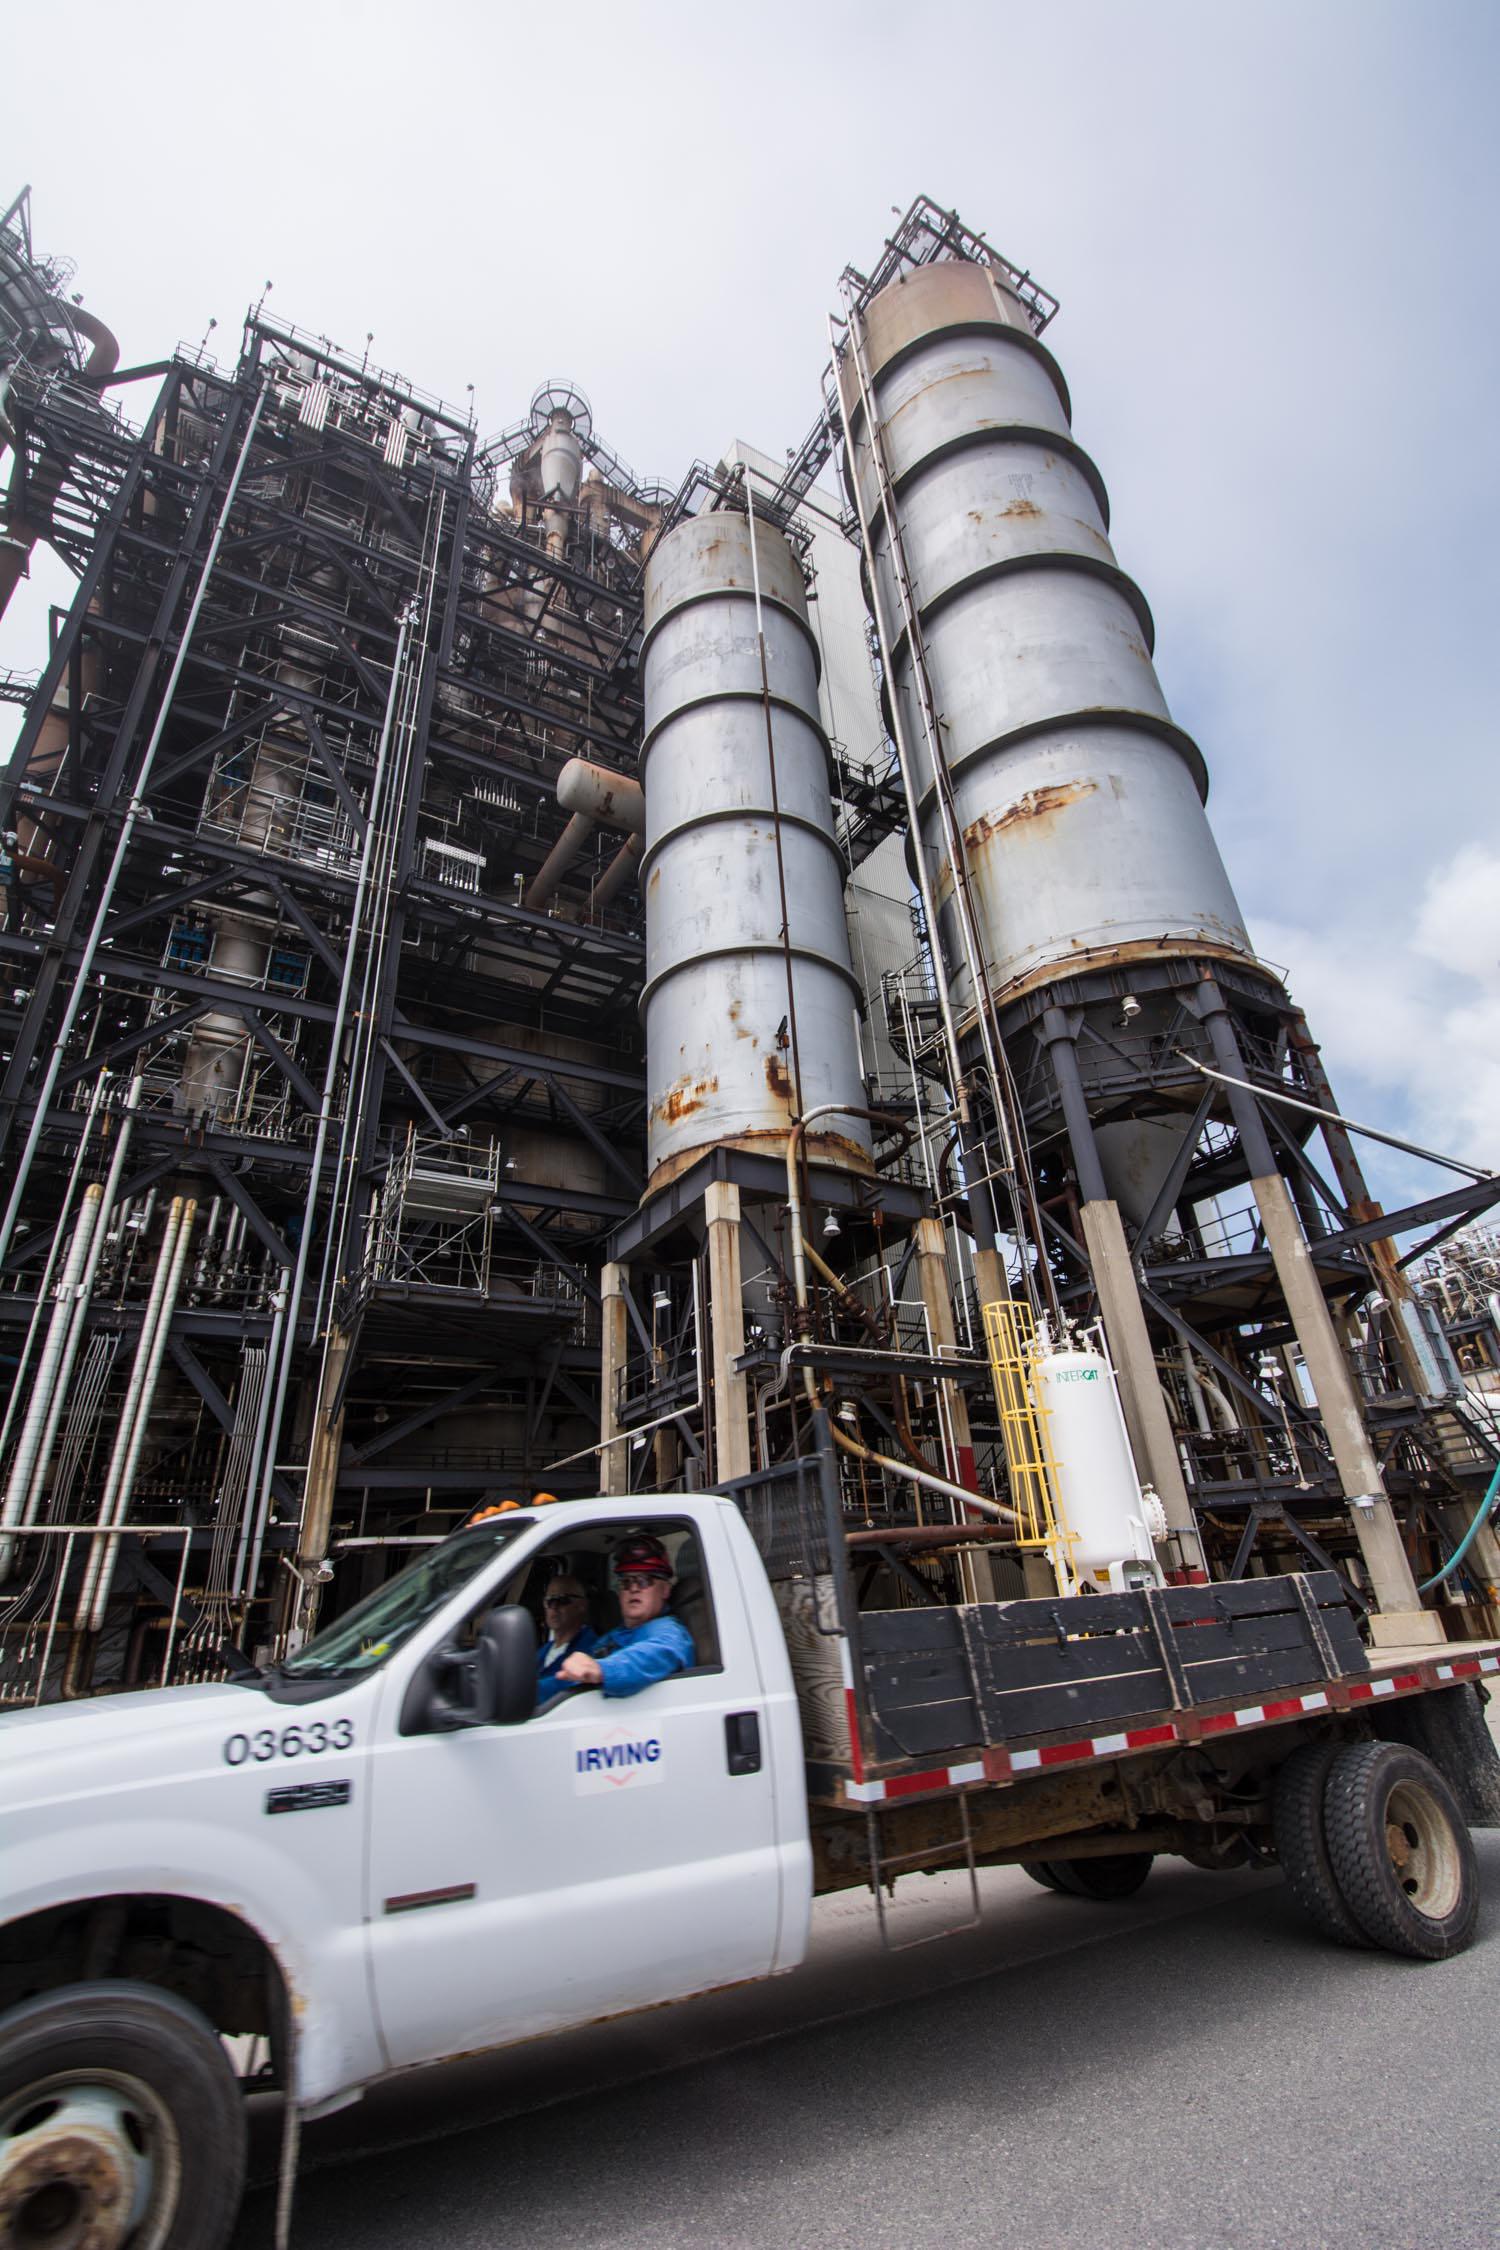 aug05 2014-Bloomberg News-Irving Oil refinery-Saint John NB-photo by Aaron McKenzie Fraser-www.amfraser.com-5700.jpg